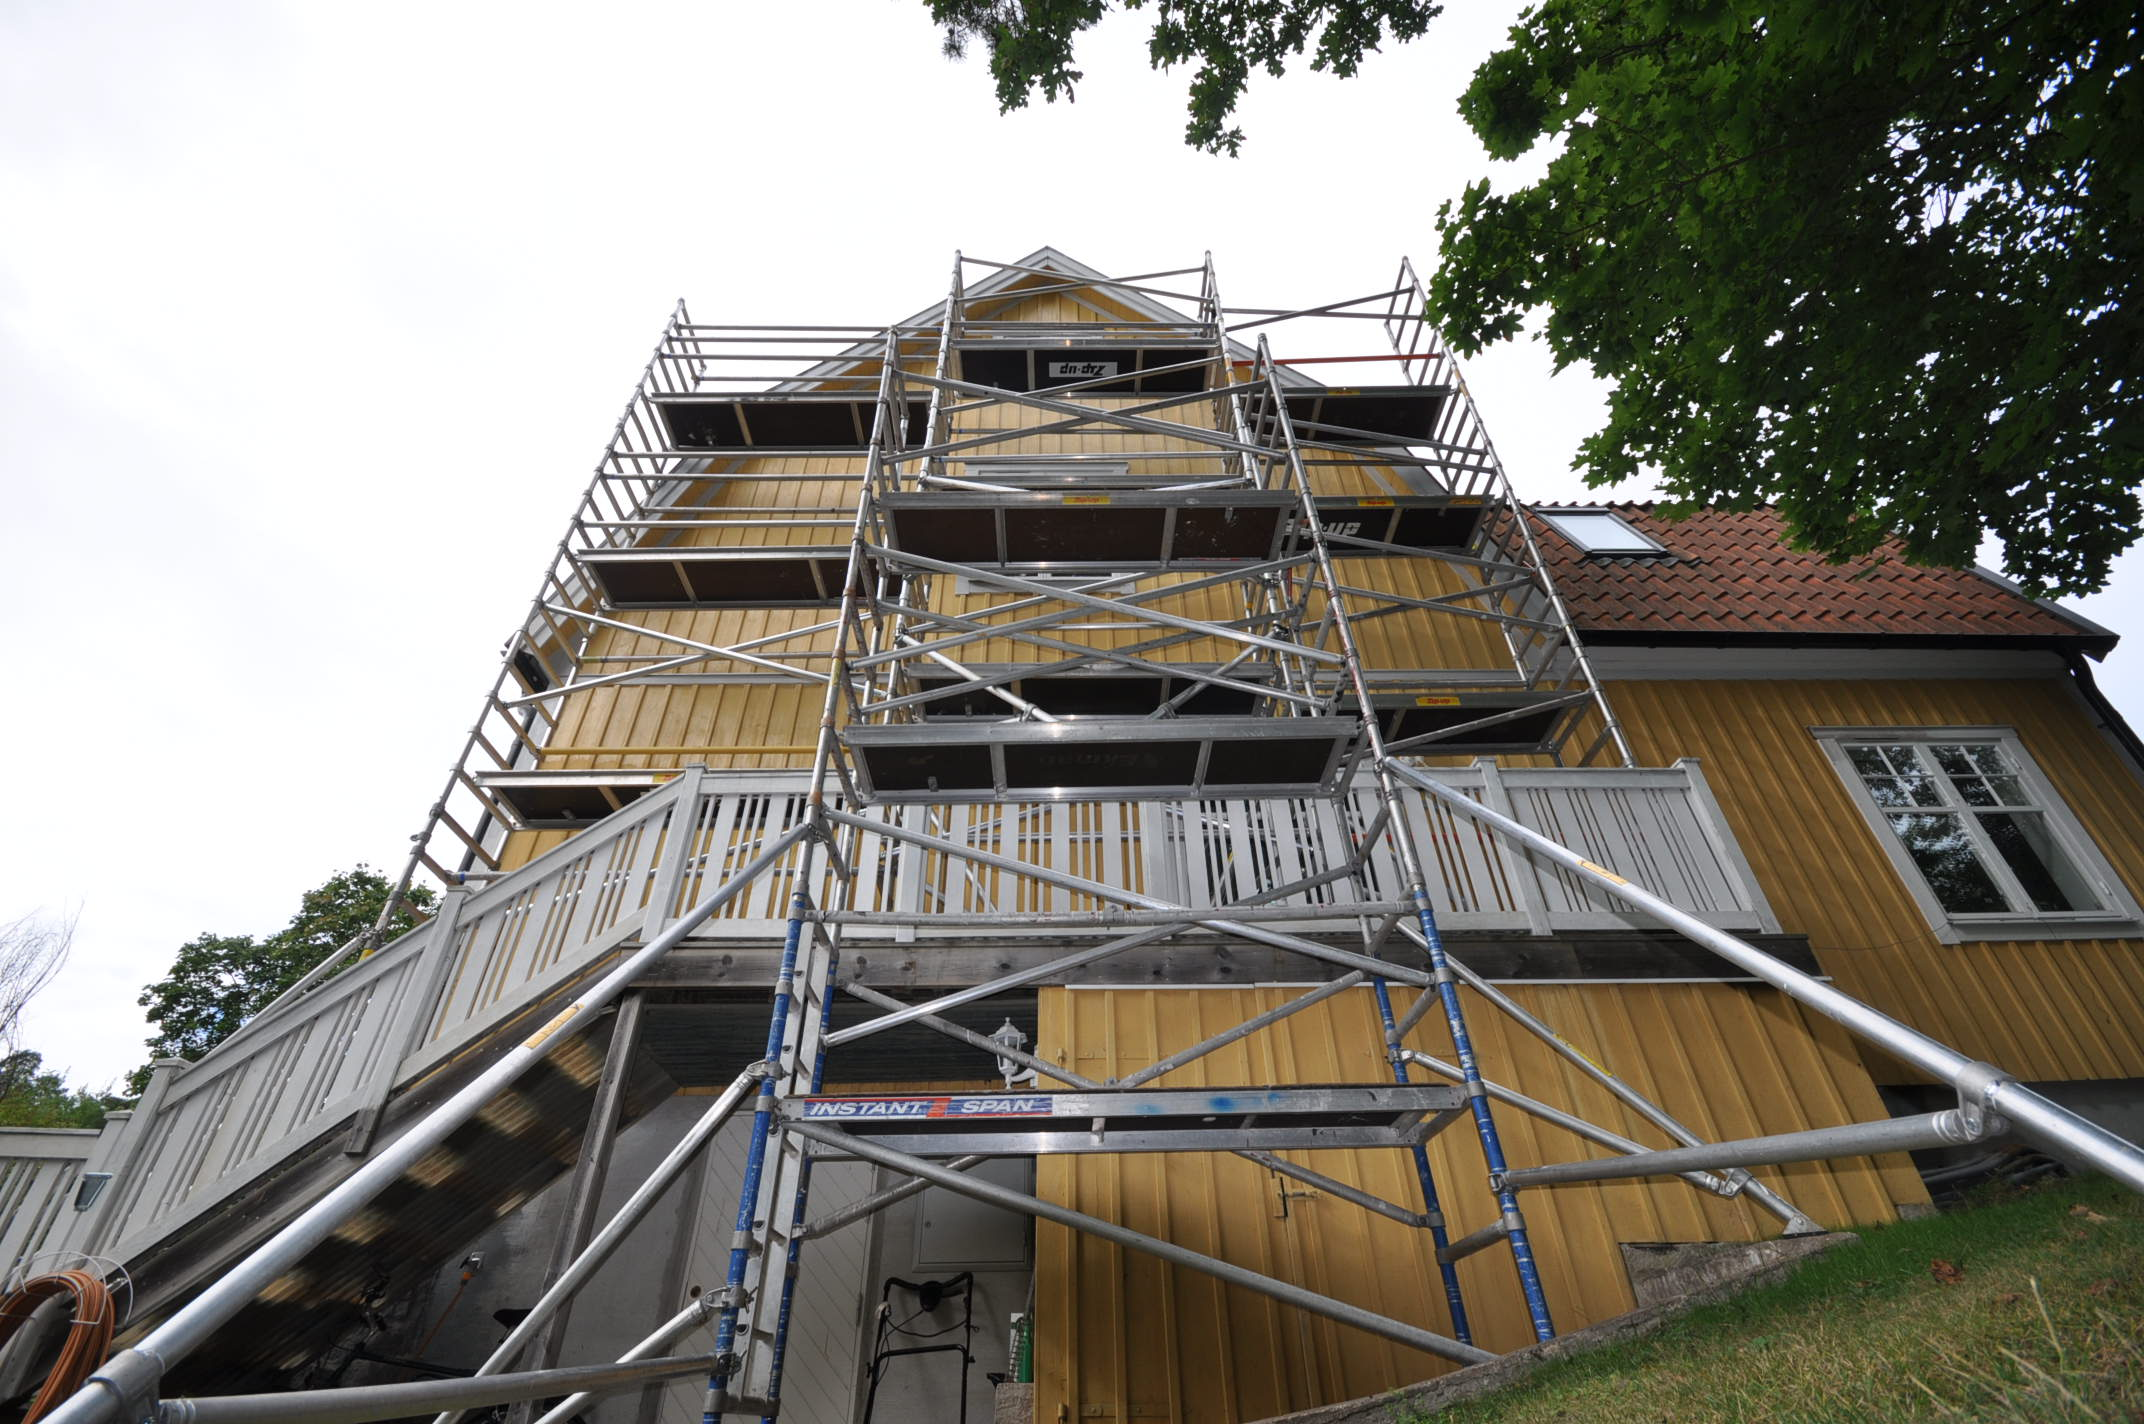 Hyr byggställning Stockholm (8)